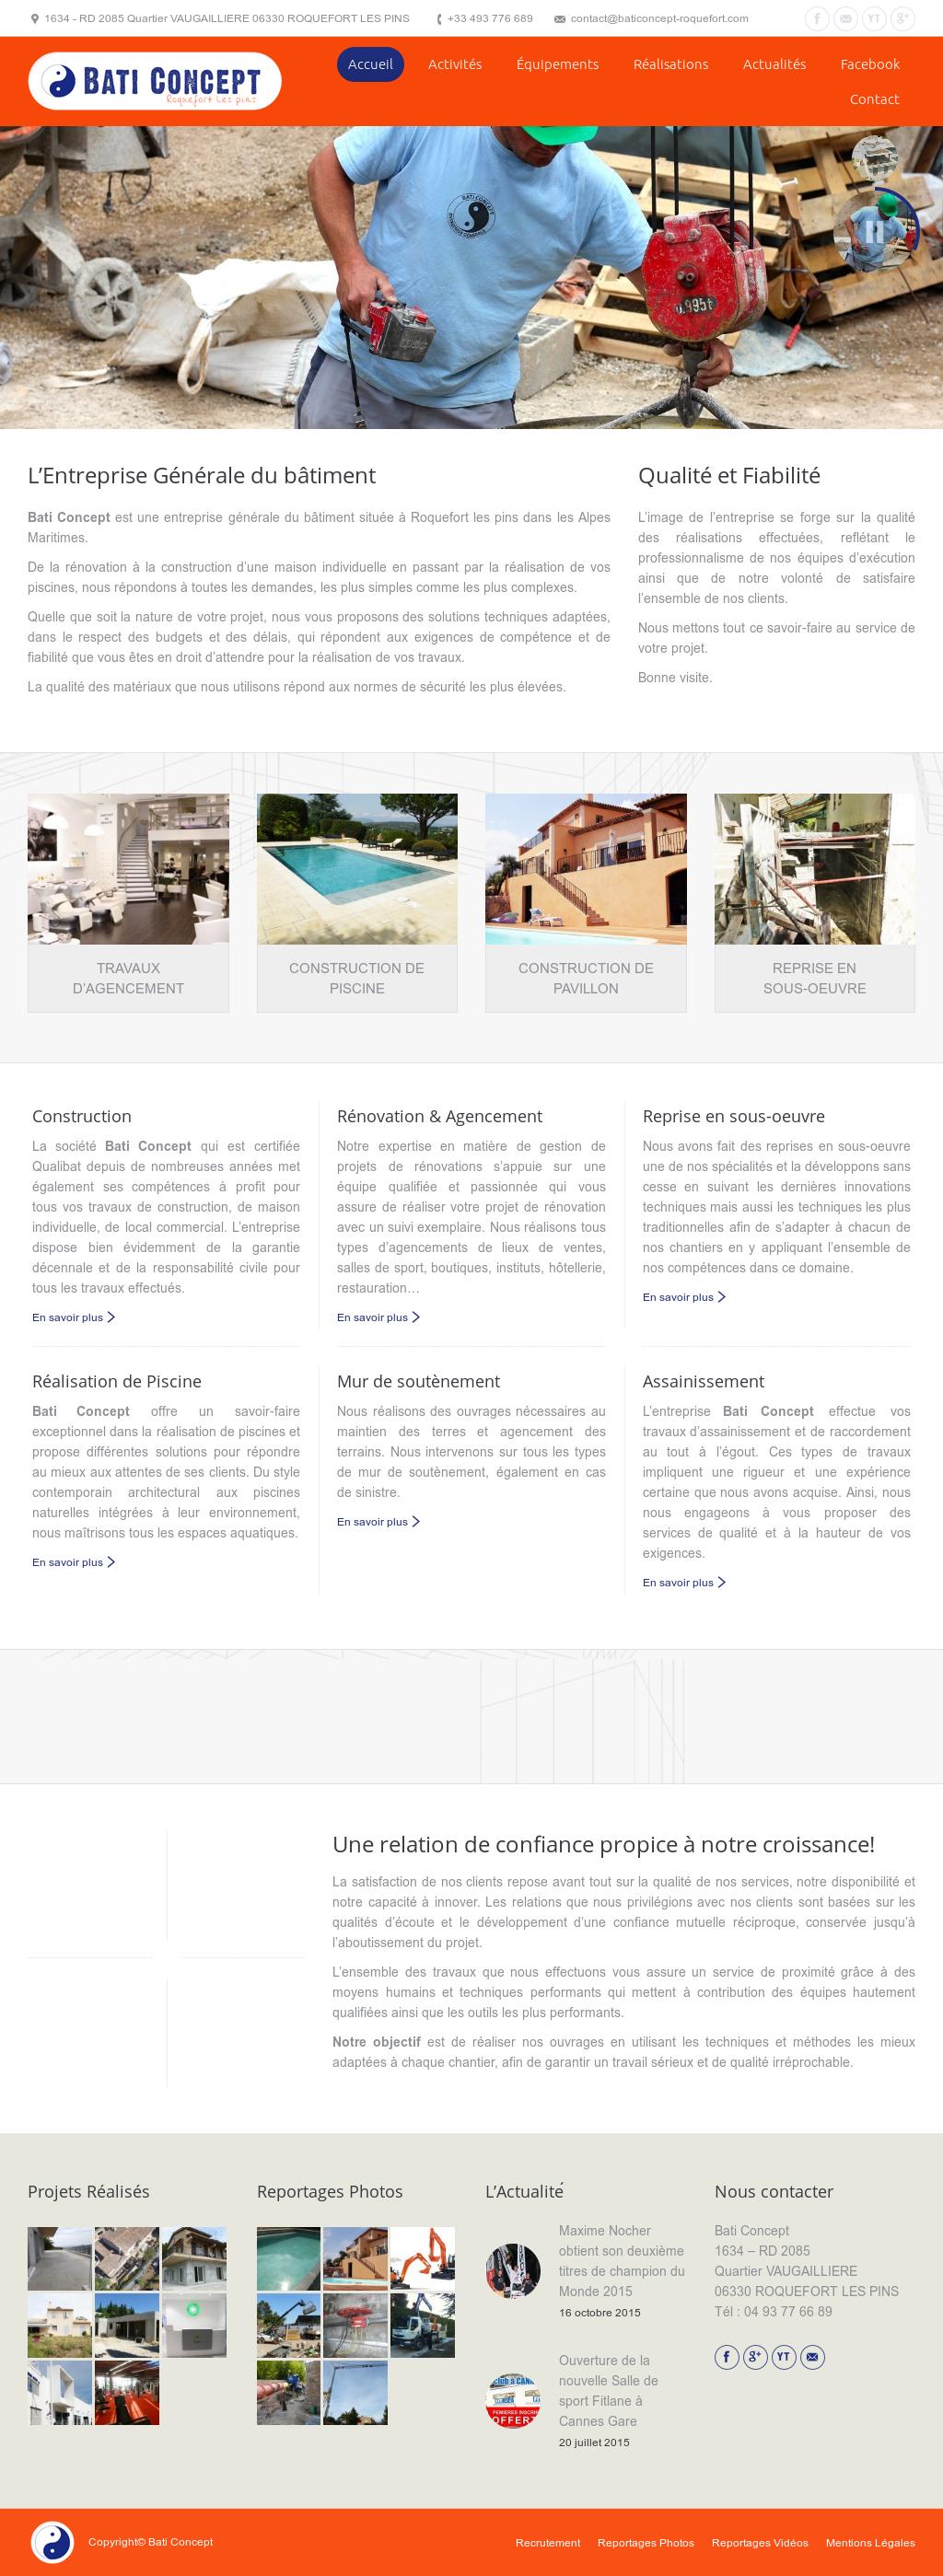 Entreprise Generale De Batiment 77 bati concept competitors, revenue and employees - owler